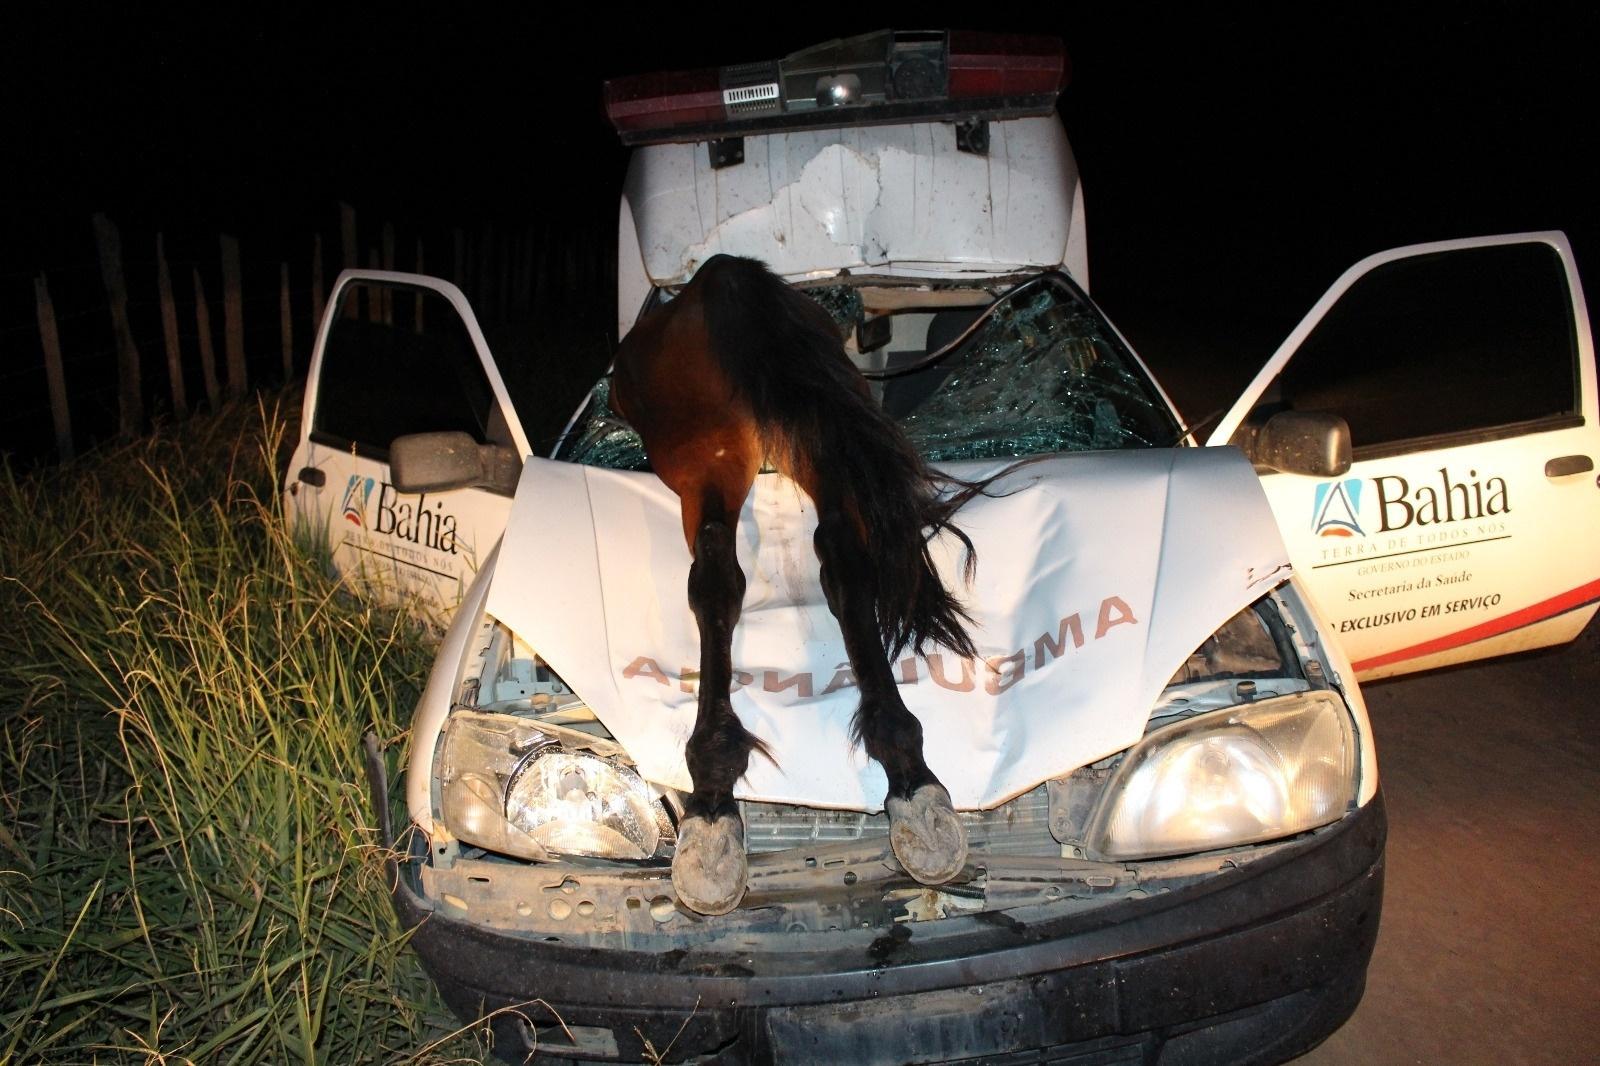 3.mai.2016 - Uma ambulância colidiu com um cavalo em um acidente na BA-290, em Medeiros Neto, na Bahia. O animal, que morreu no acidente, acabou entrando pelo para-brisa do veículo e ficou apenas com as patas traseiras para fora. O condutor do carro sobreviveu e sofreu apenas escoriações leves. Ele afirma que estava em baixa velocidade e que o animal invadiu a pista